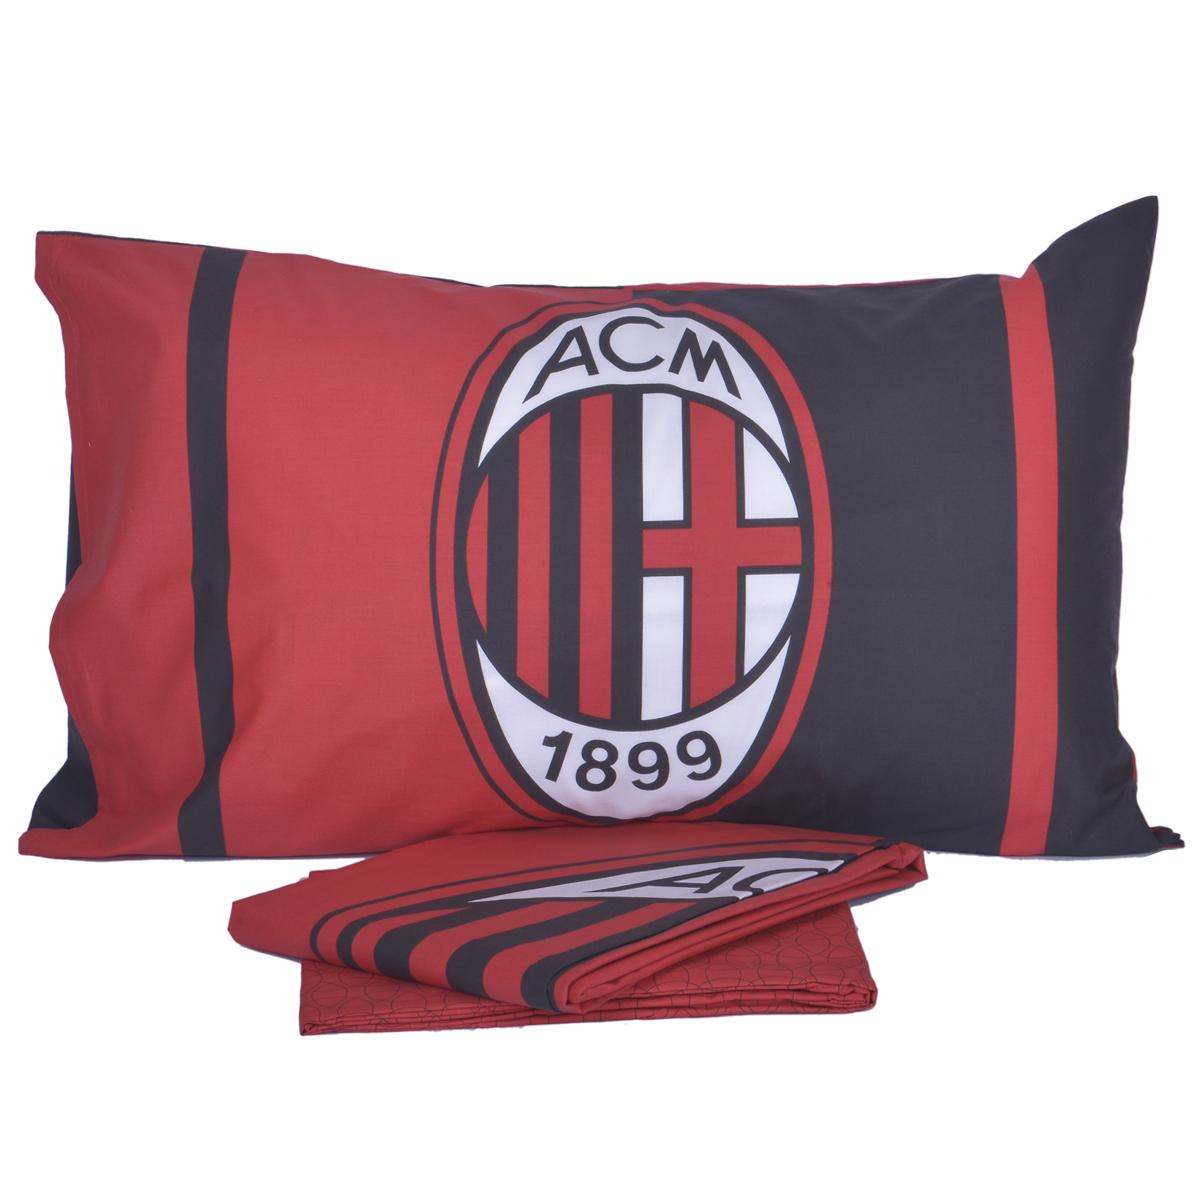 Completo Letto Lenzuola AC Milan Ufficiale Letto singolo 1 Piazza